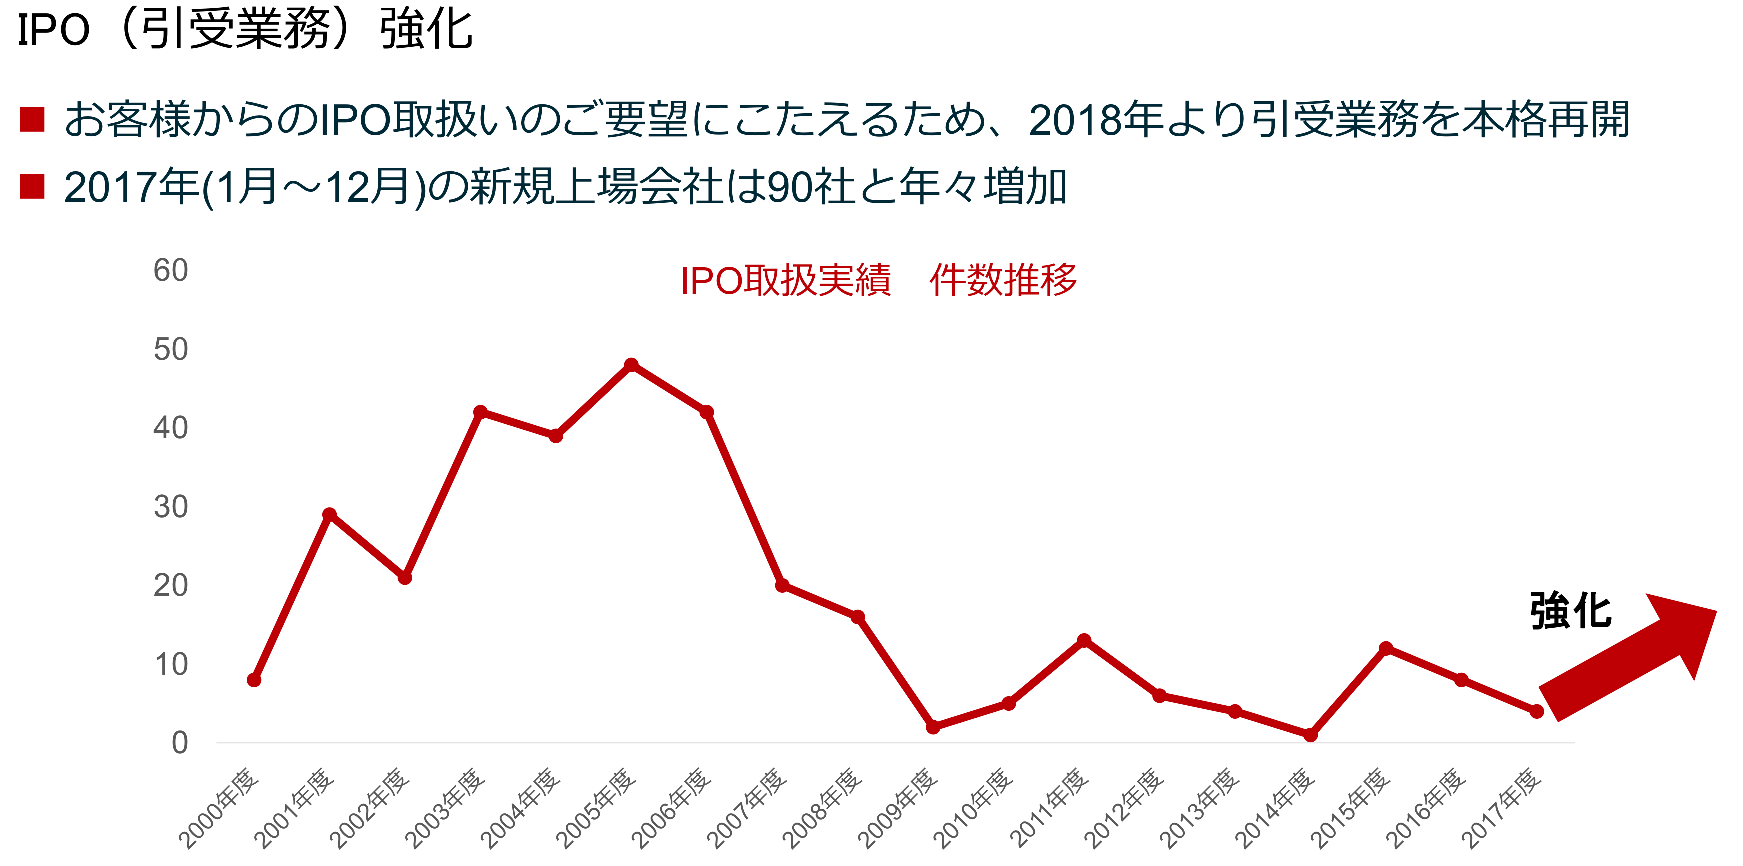 楽天証券のIPO投資の推移